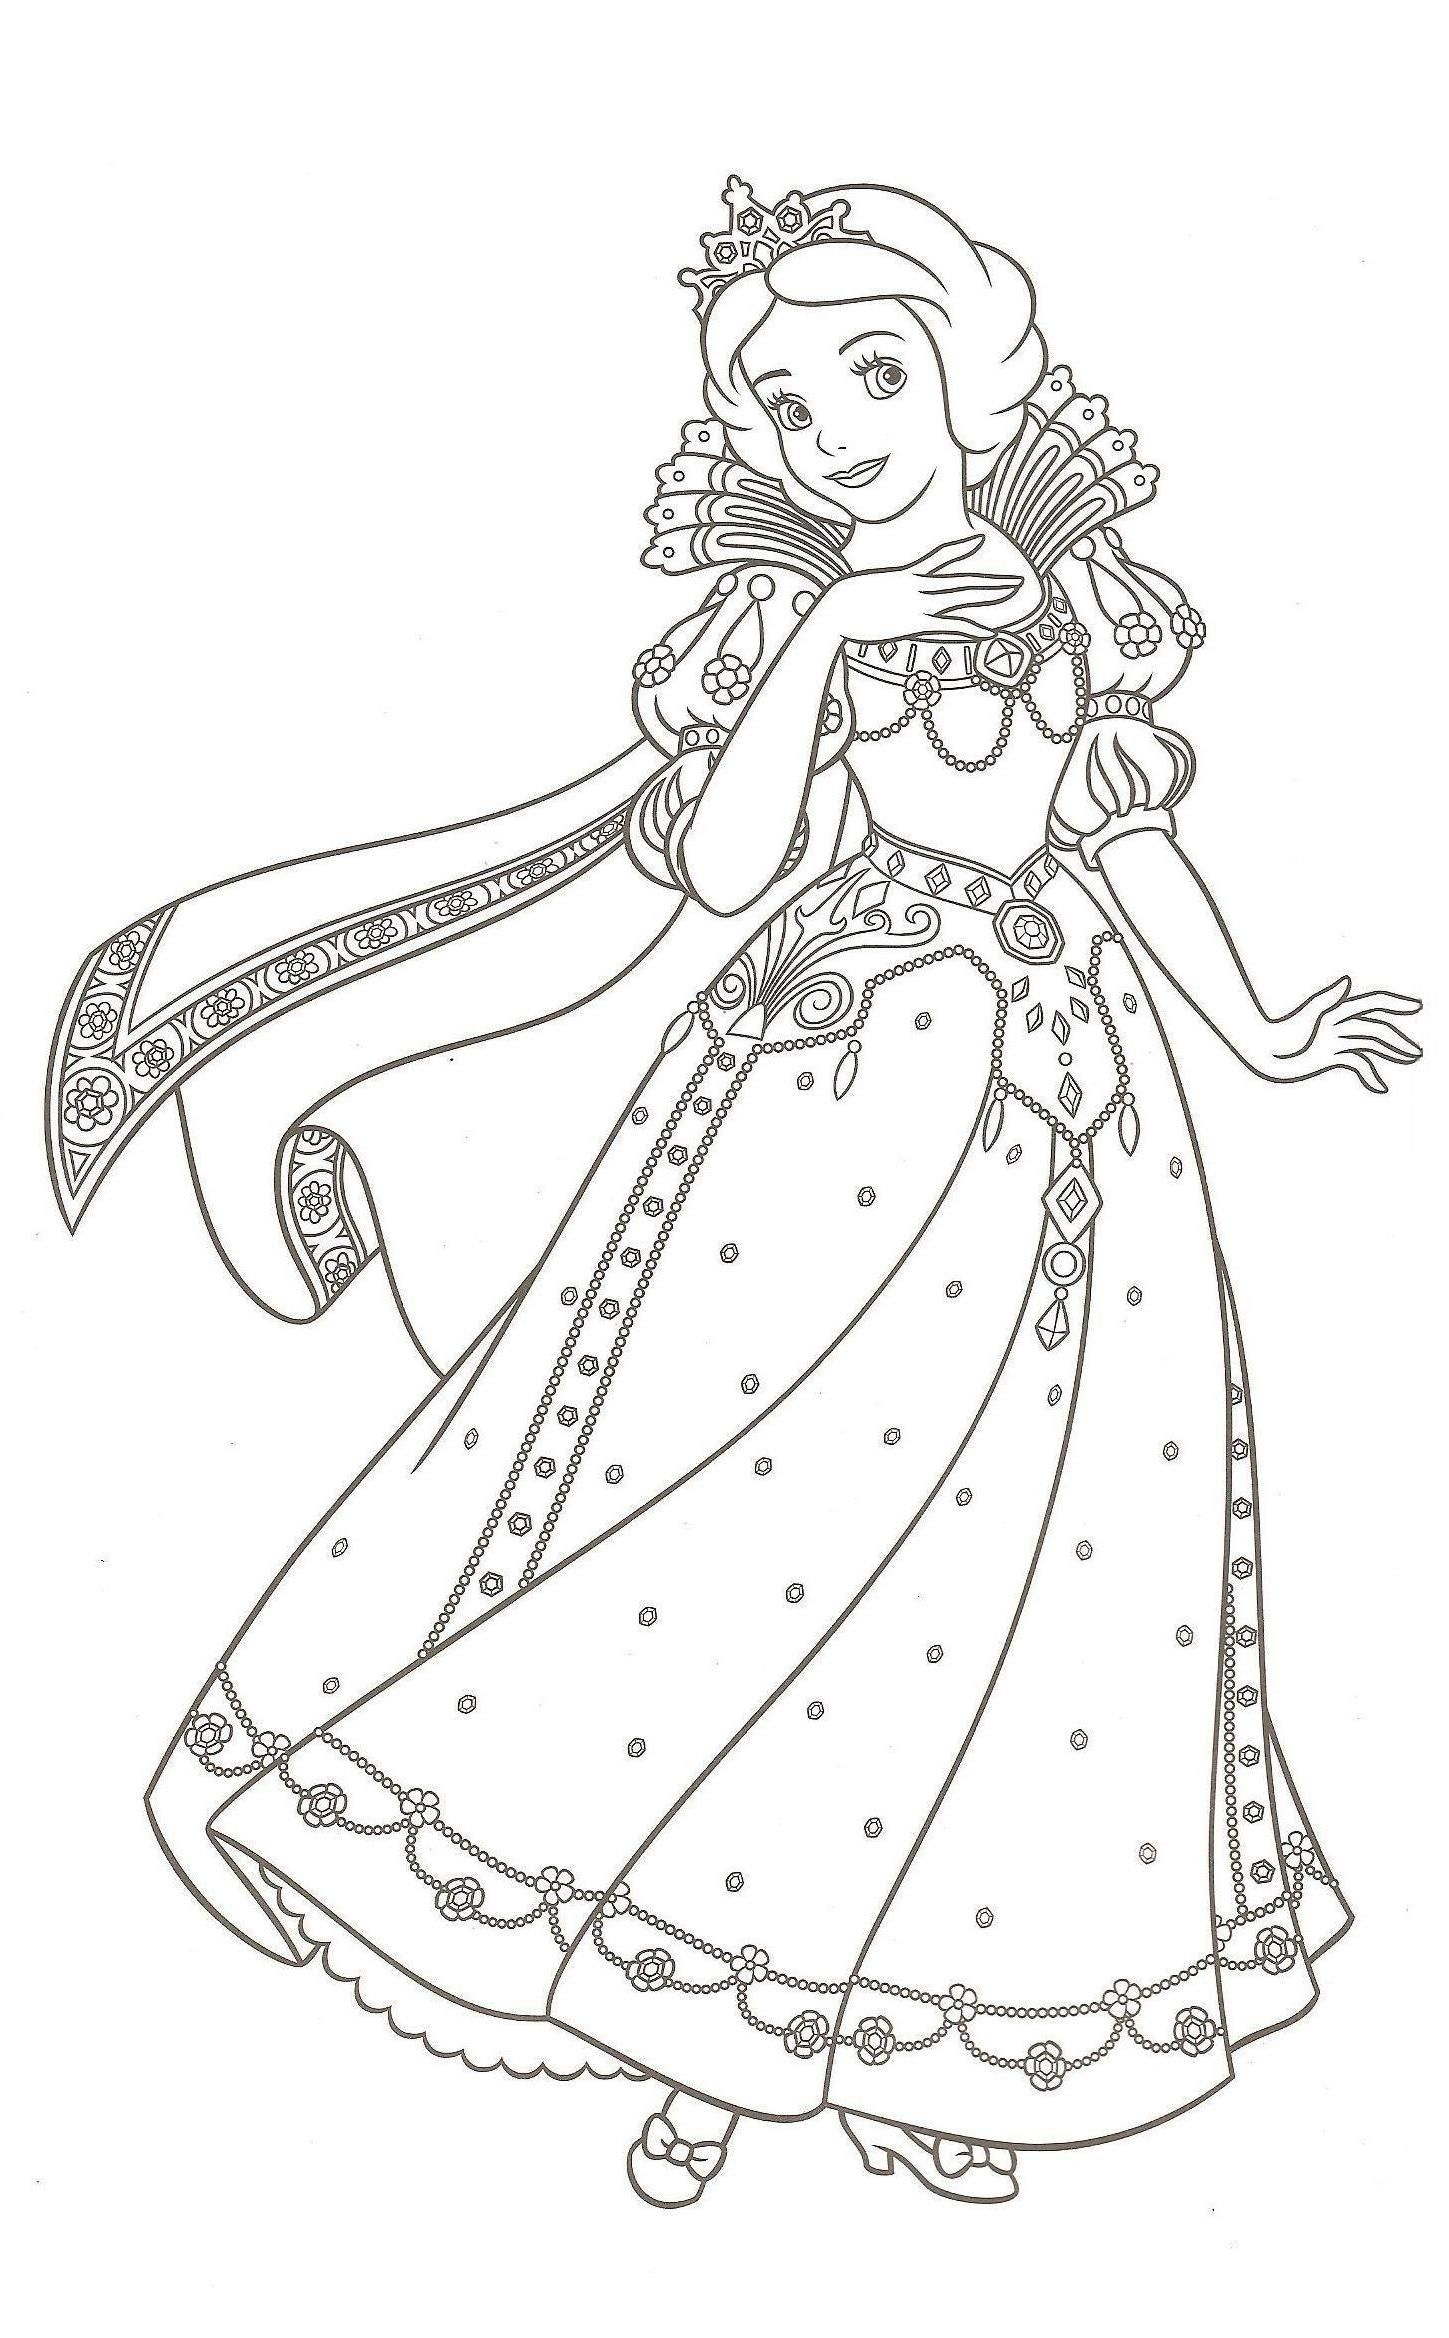 Coloriage Princesse En Ligne Gratuit | Coloriage Princesse avec Dessin À Colorier En Ligne Gratuit